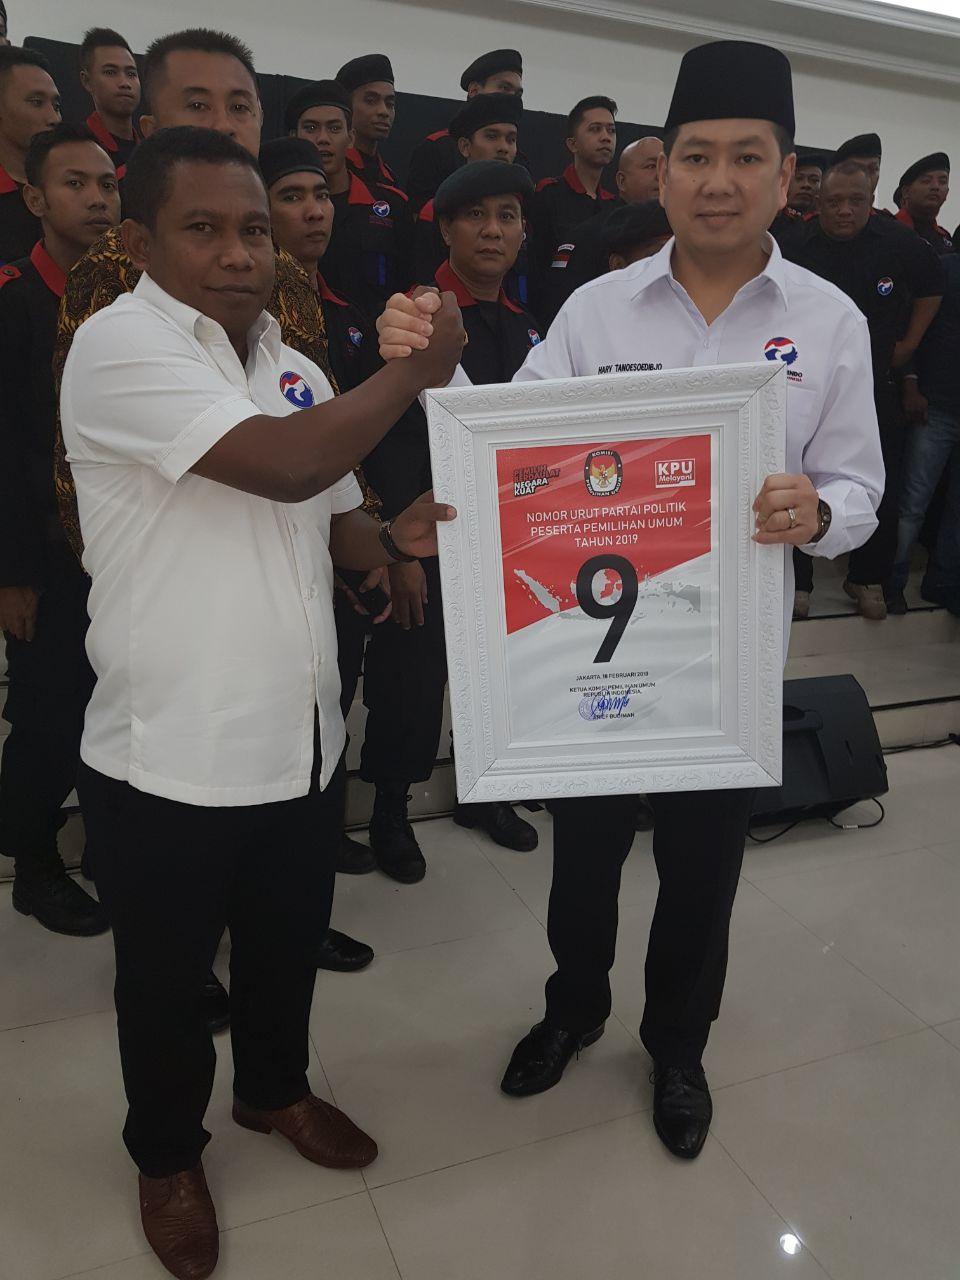 Ketua DPW Perindo PB, Marinus Bonepay memegang nomor urut bersama ketua umum DPP Perindo, Harry Tanoesoedibjo